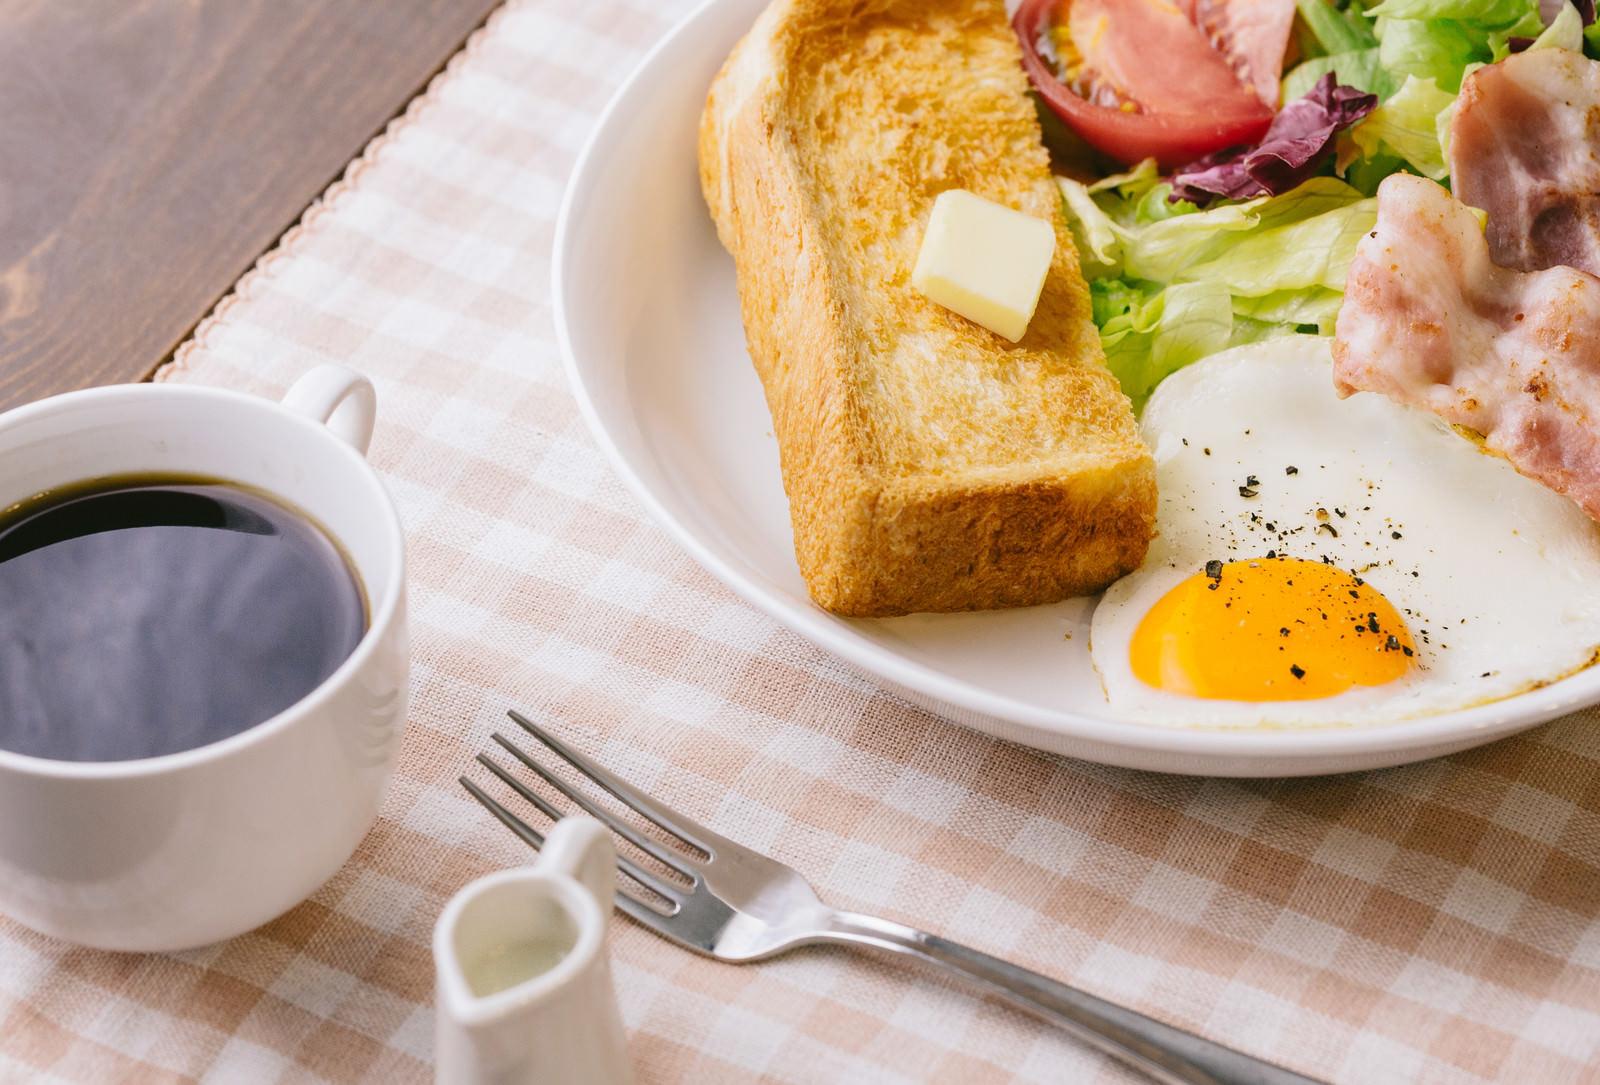 「コーヒーとトーストの朝食」の写真